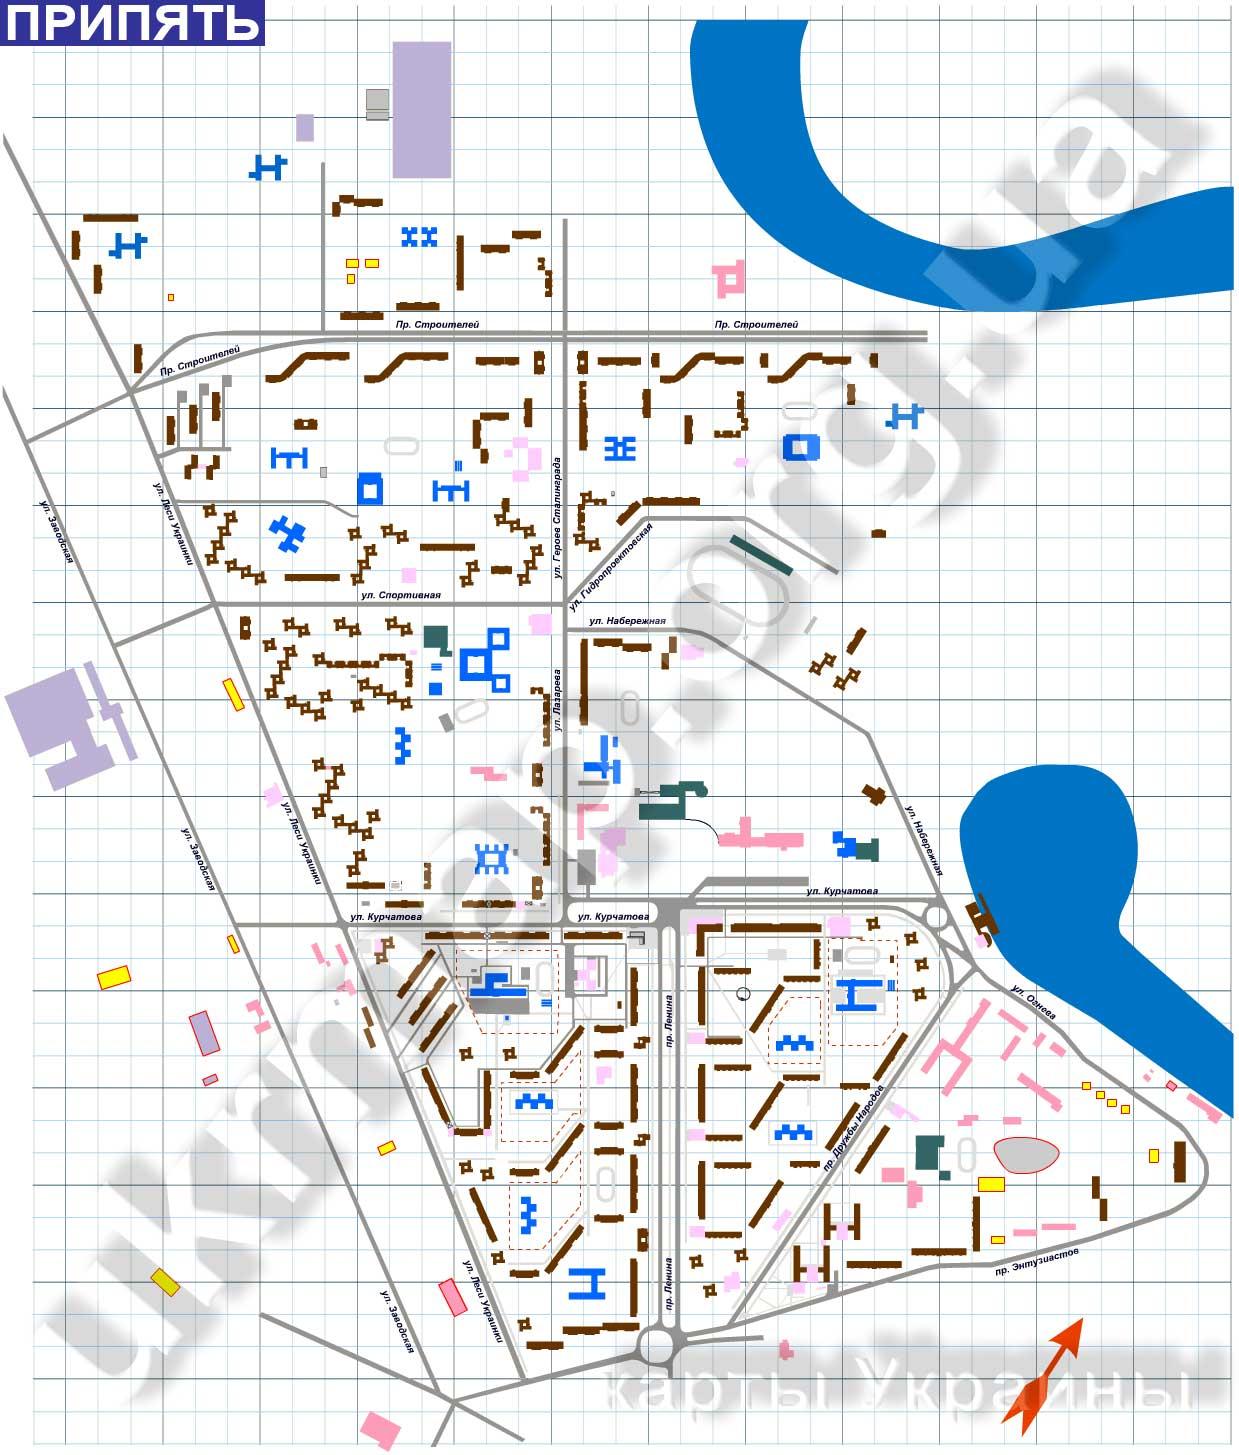 Скачать карту для майнкрафт город припять